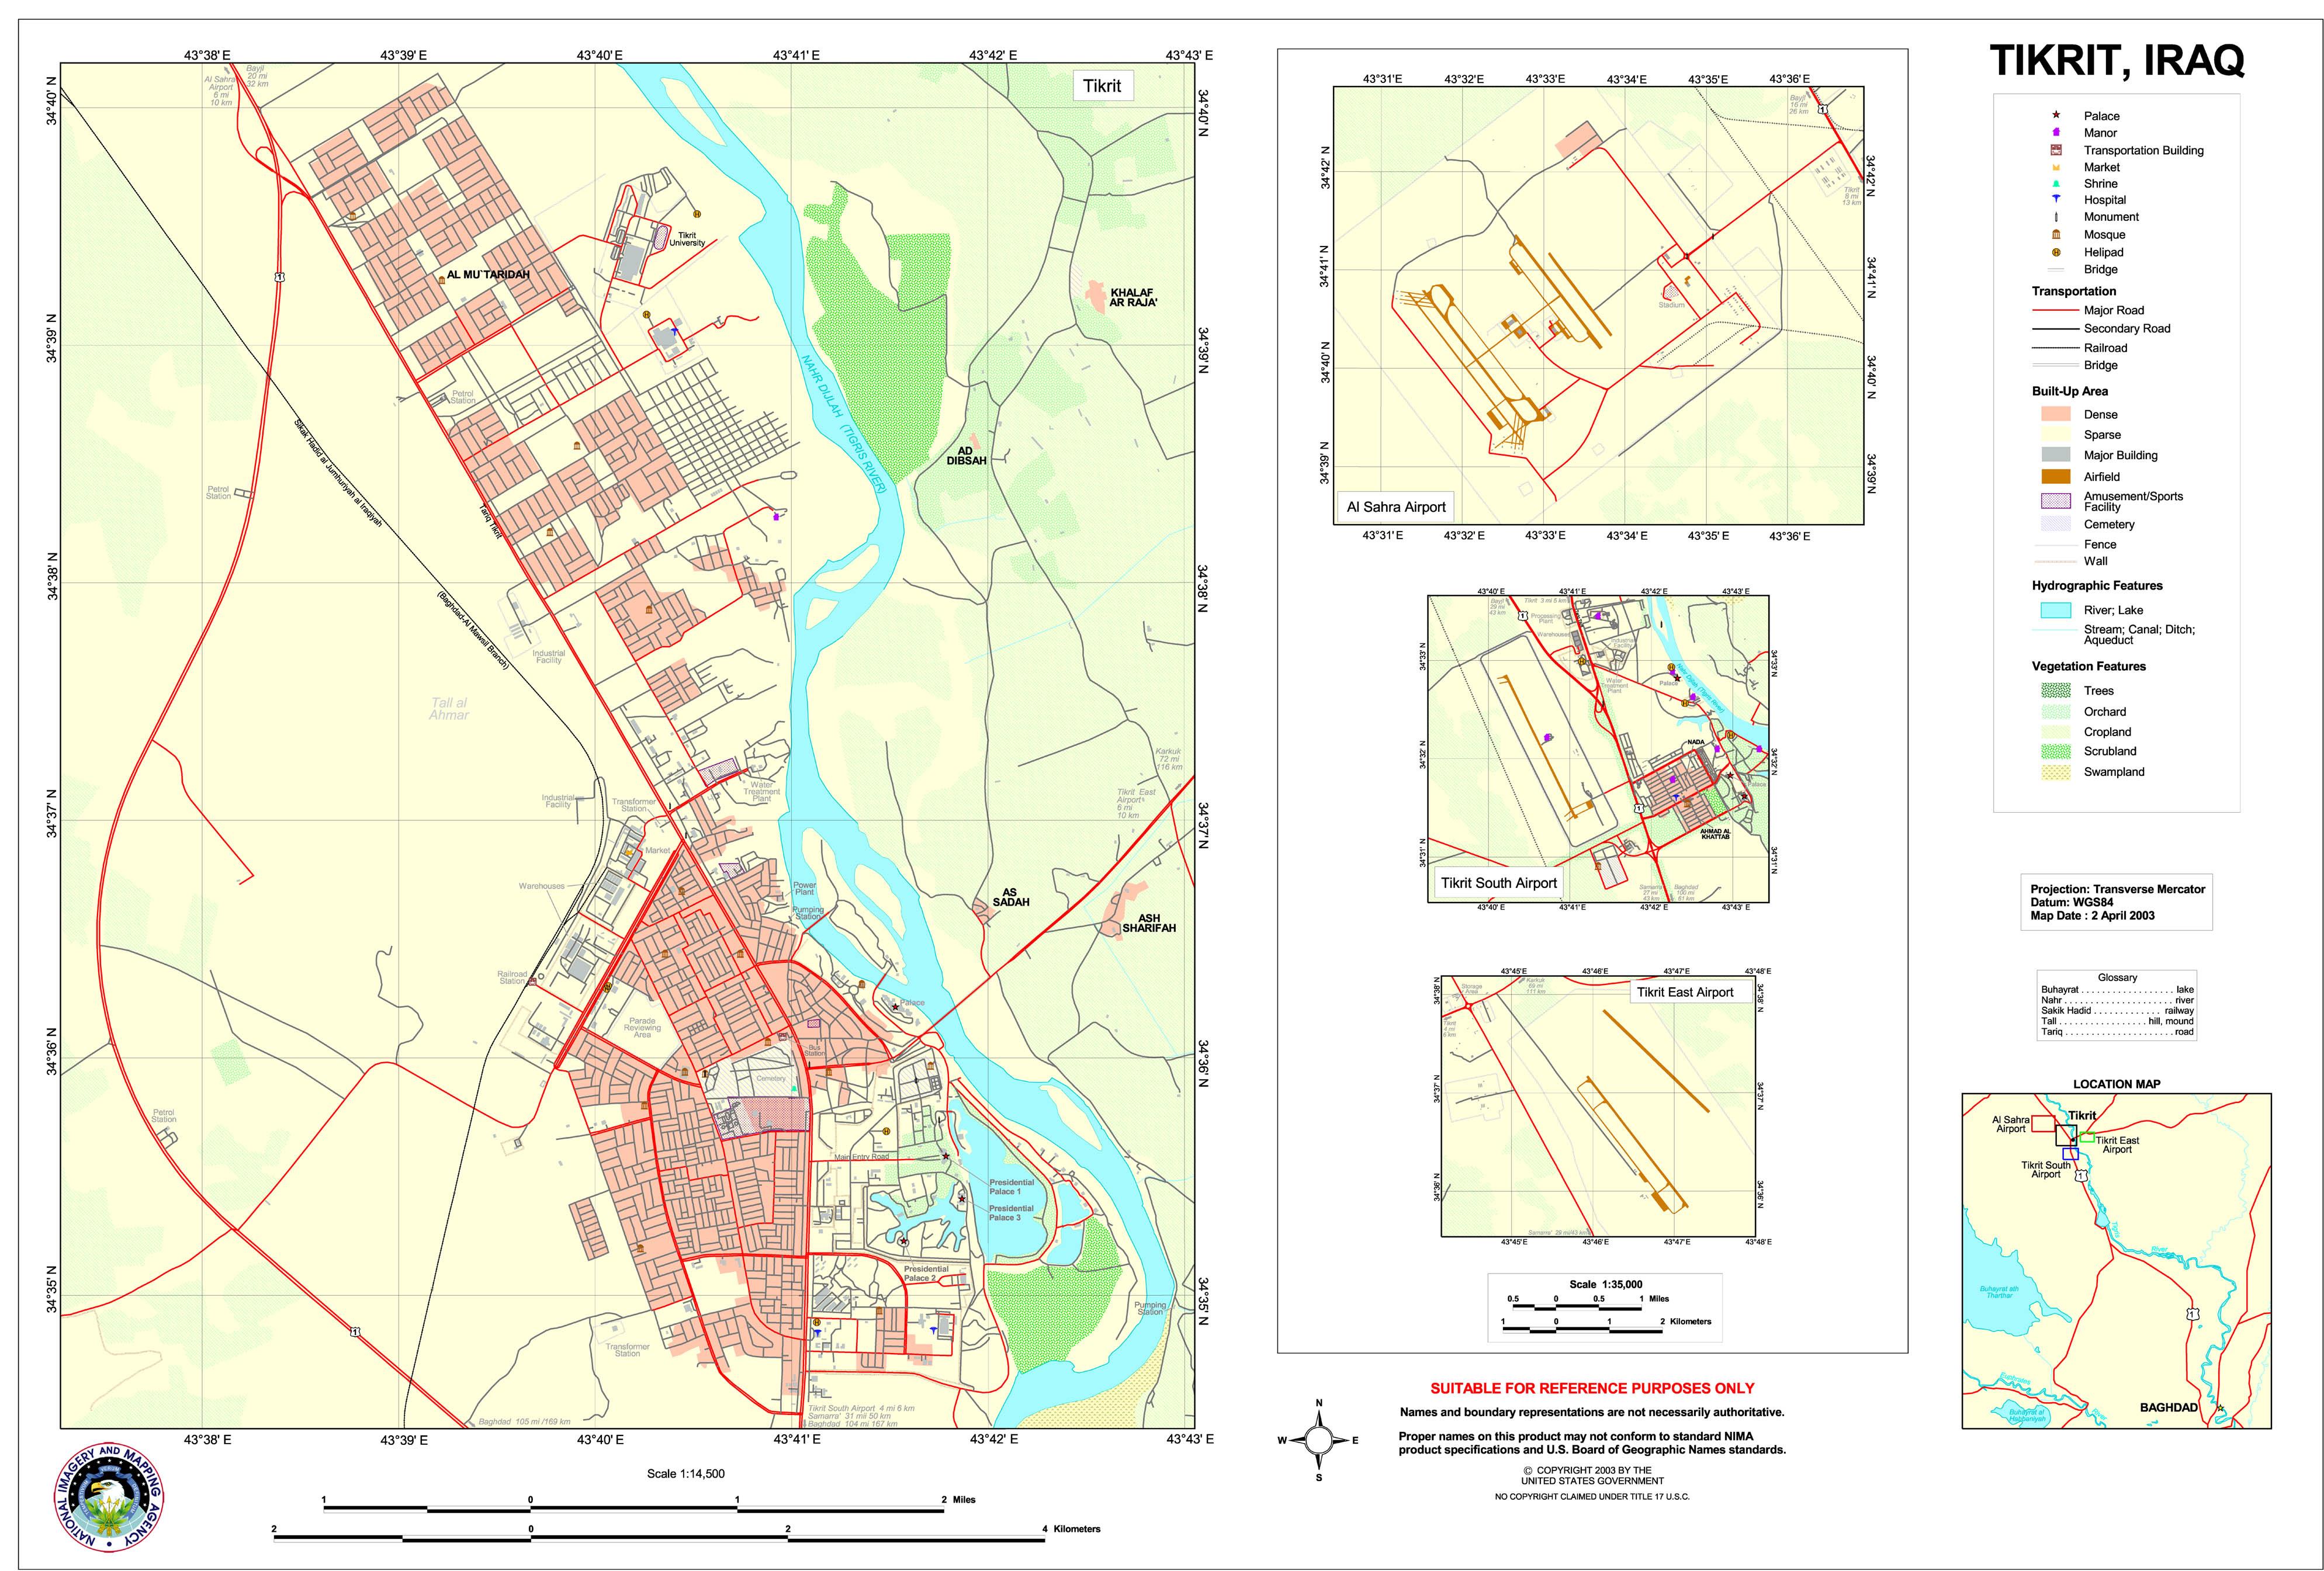 Mapa de Tikrit 2003